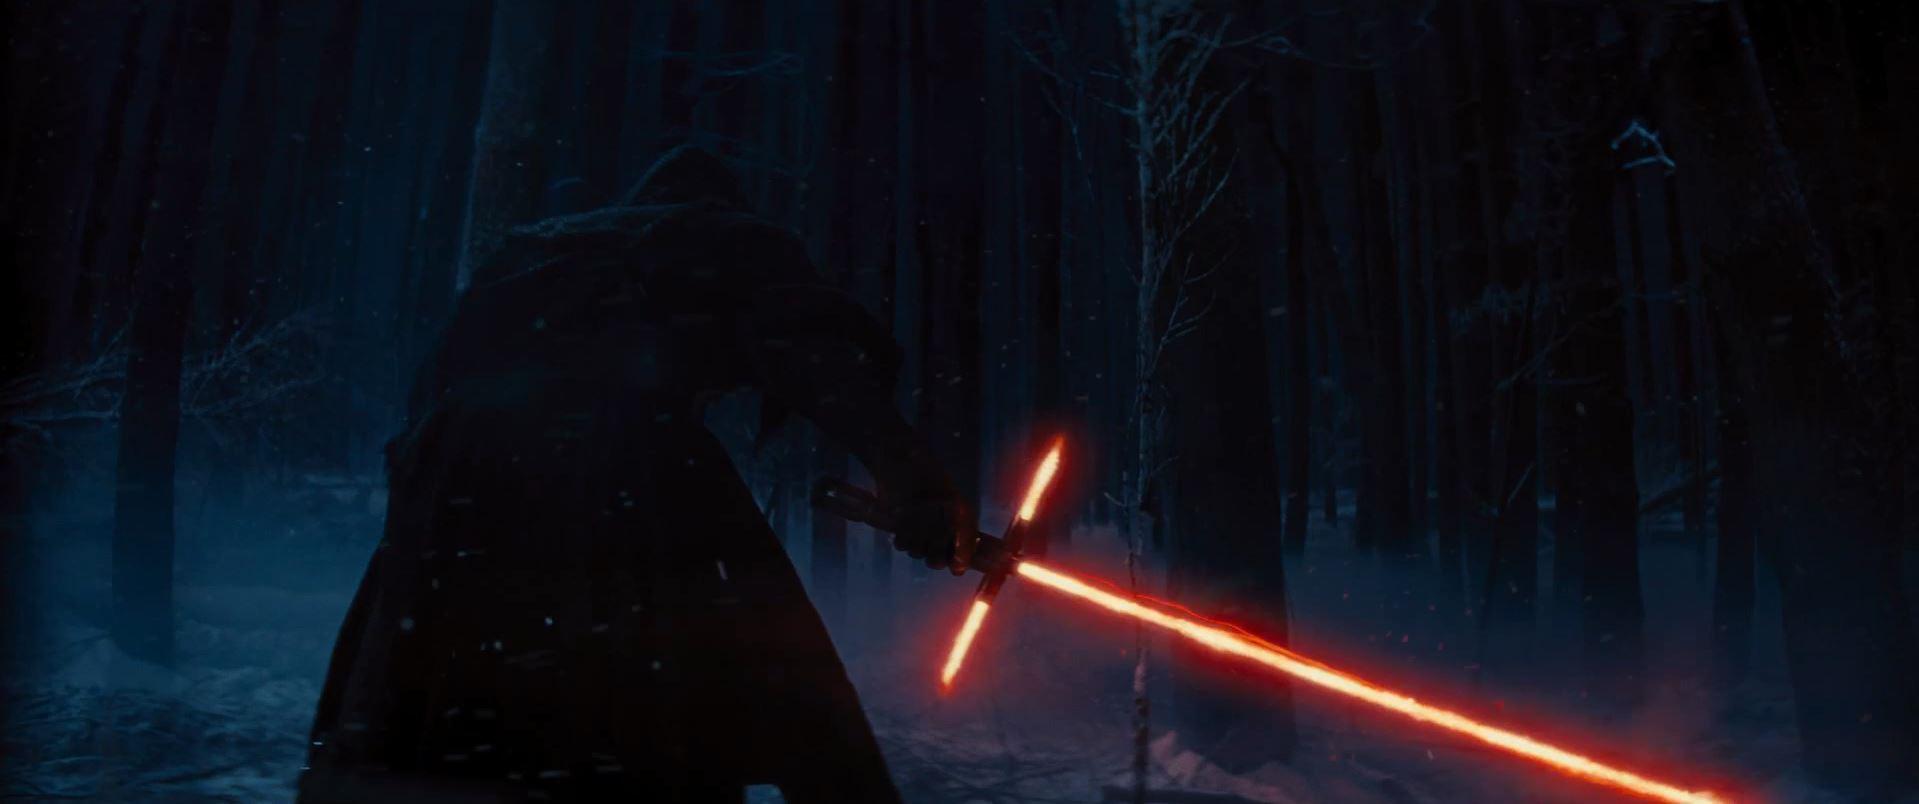 Sith lord unveils light saber - Star Wars VII Lightsaber